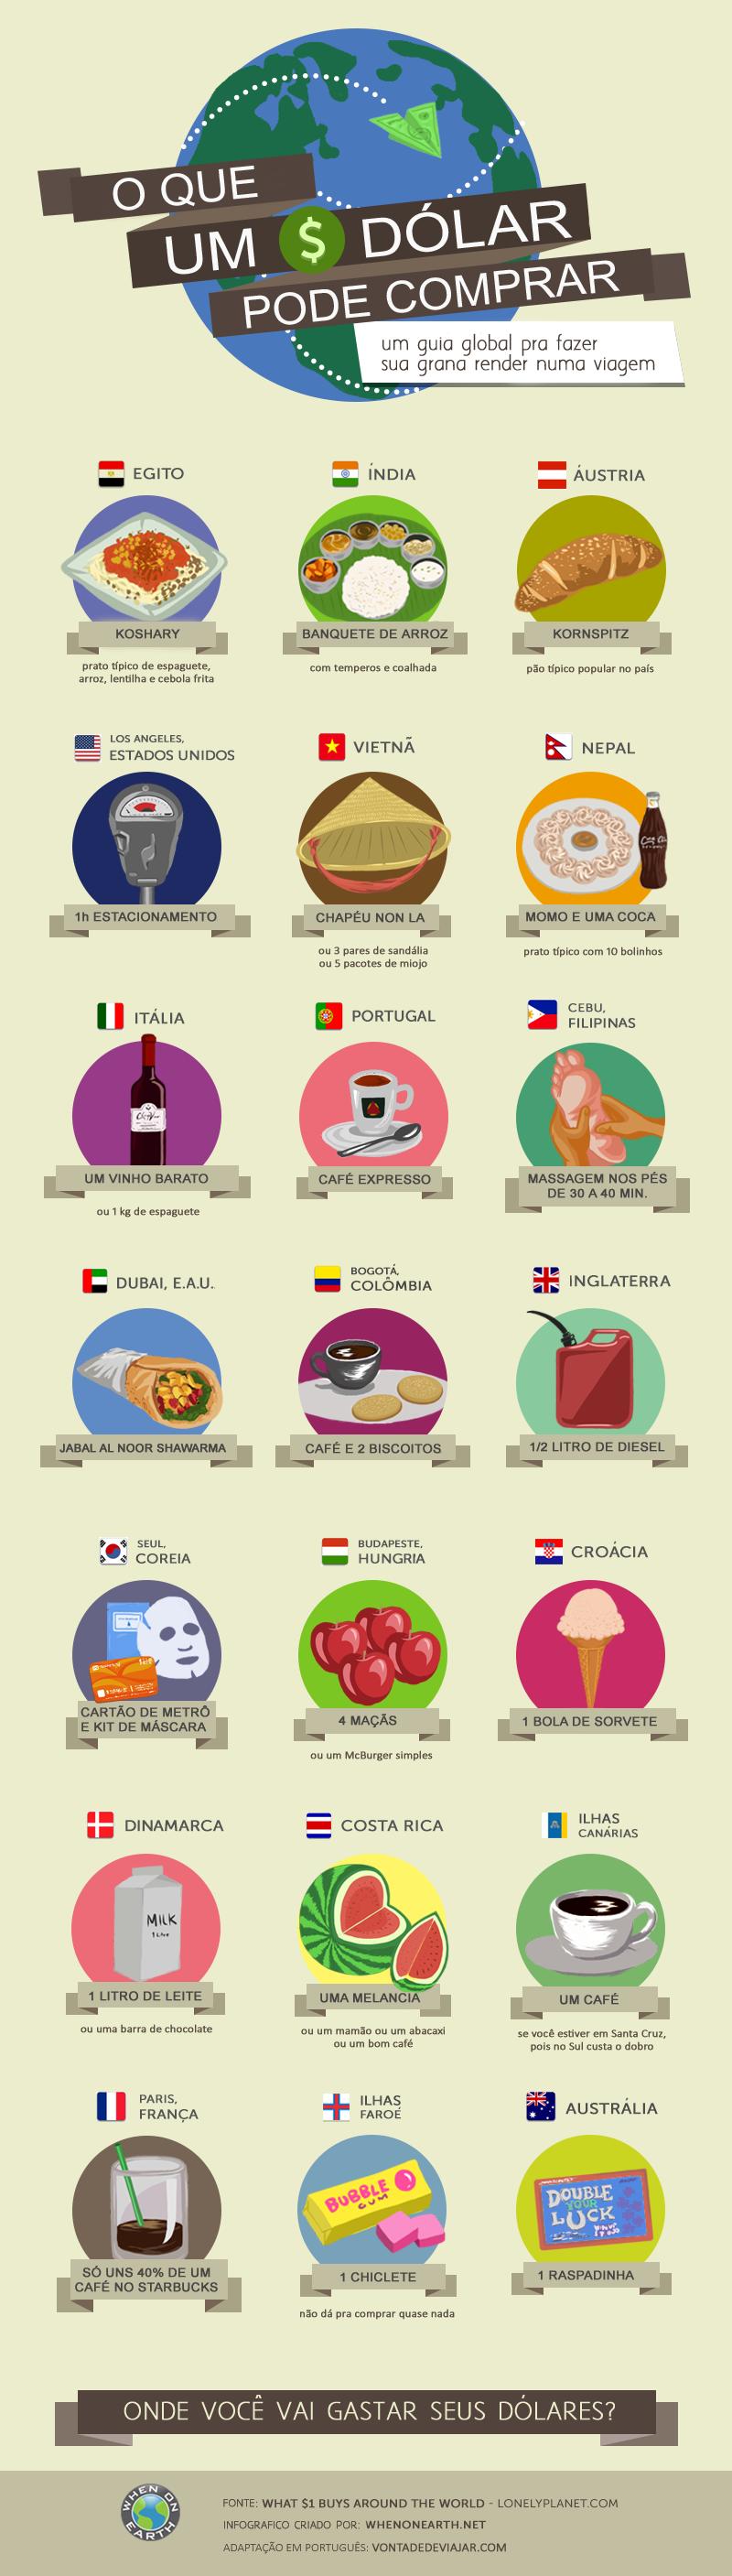 Quanto vale 1 dolar - infografico PT - blog vontade de viajar